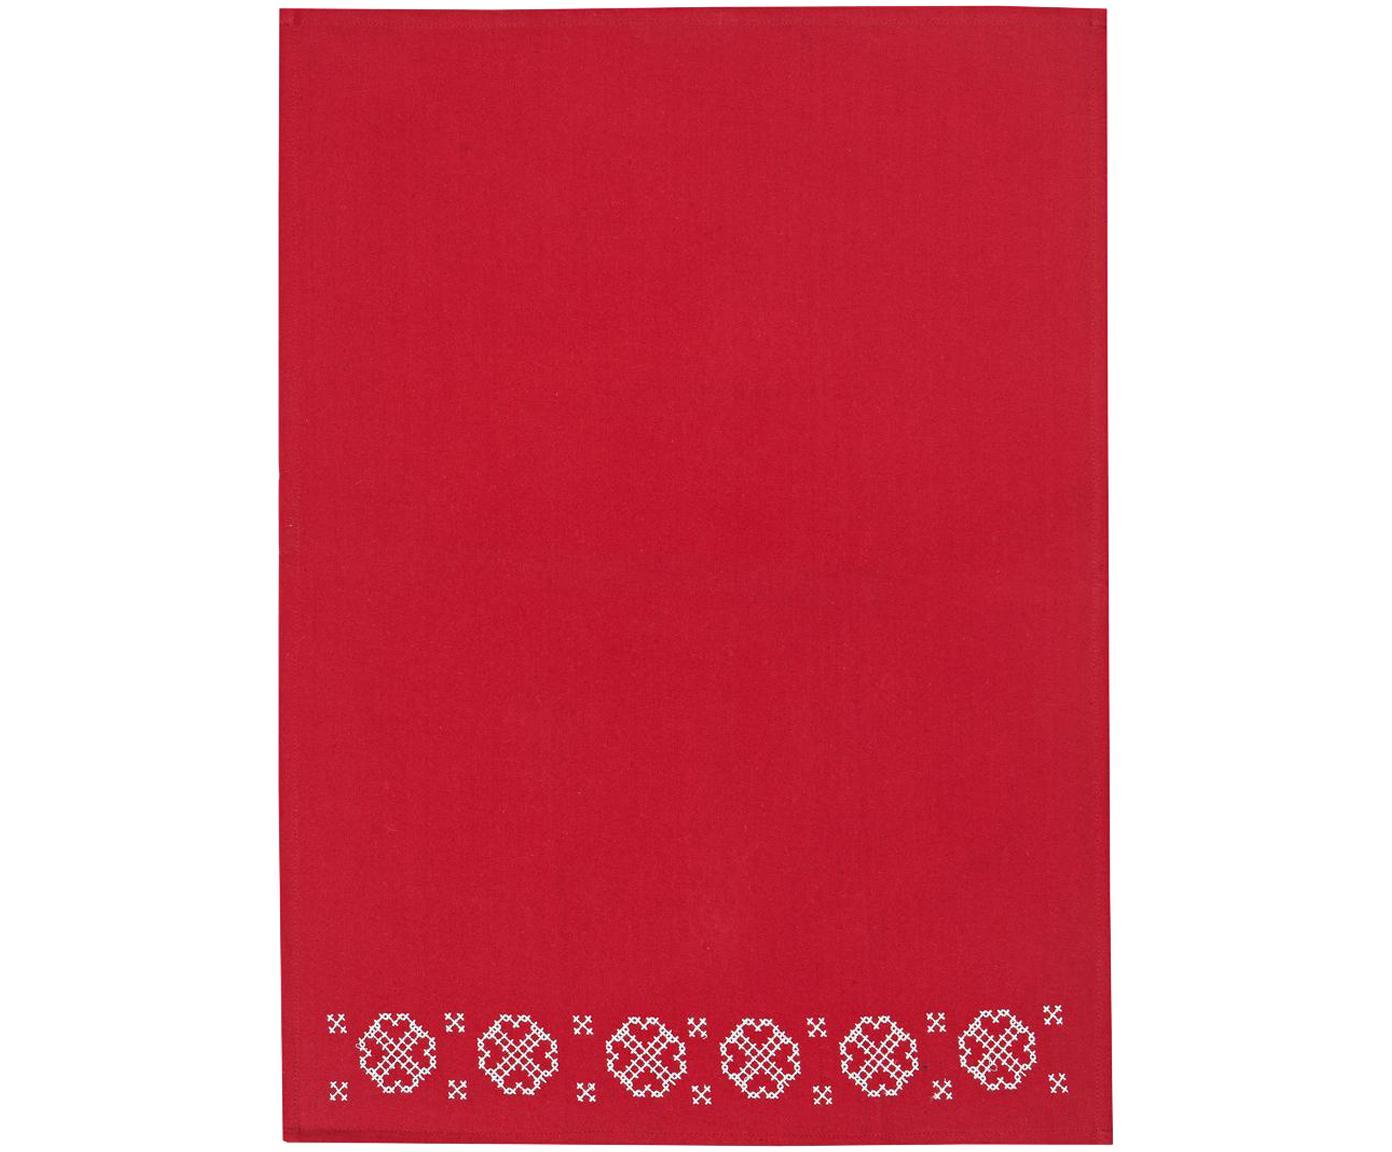 Canovaccio con motivo invernale Embroidery, Cotone, Rosso, bianco, Lung. 70 x Larg. 50 cm